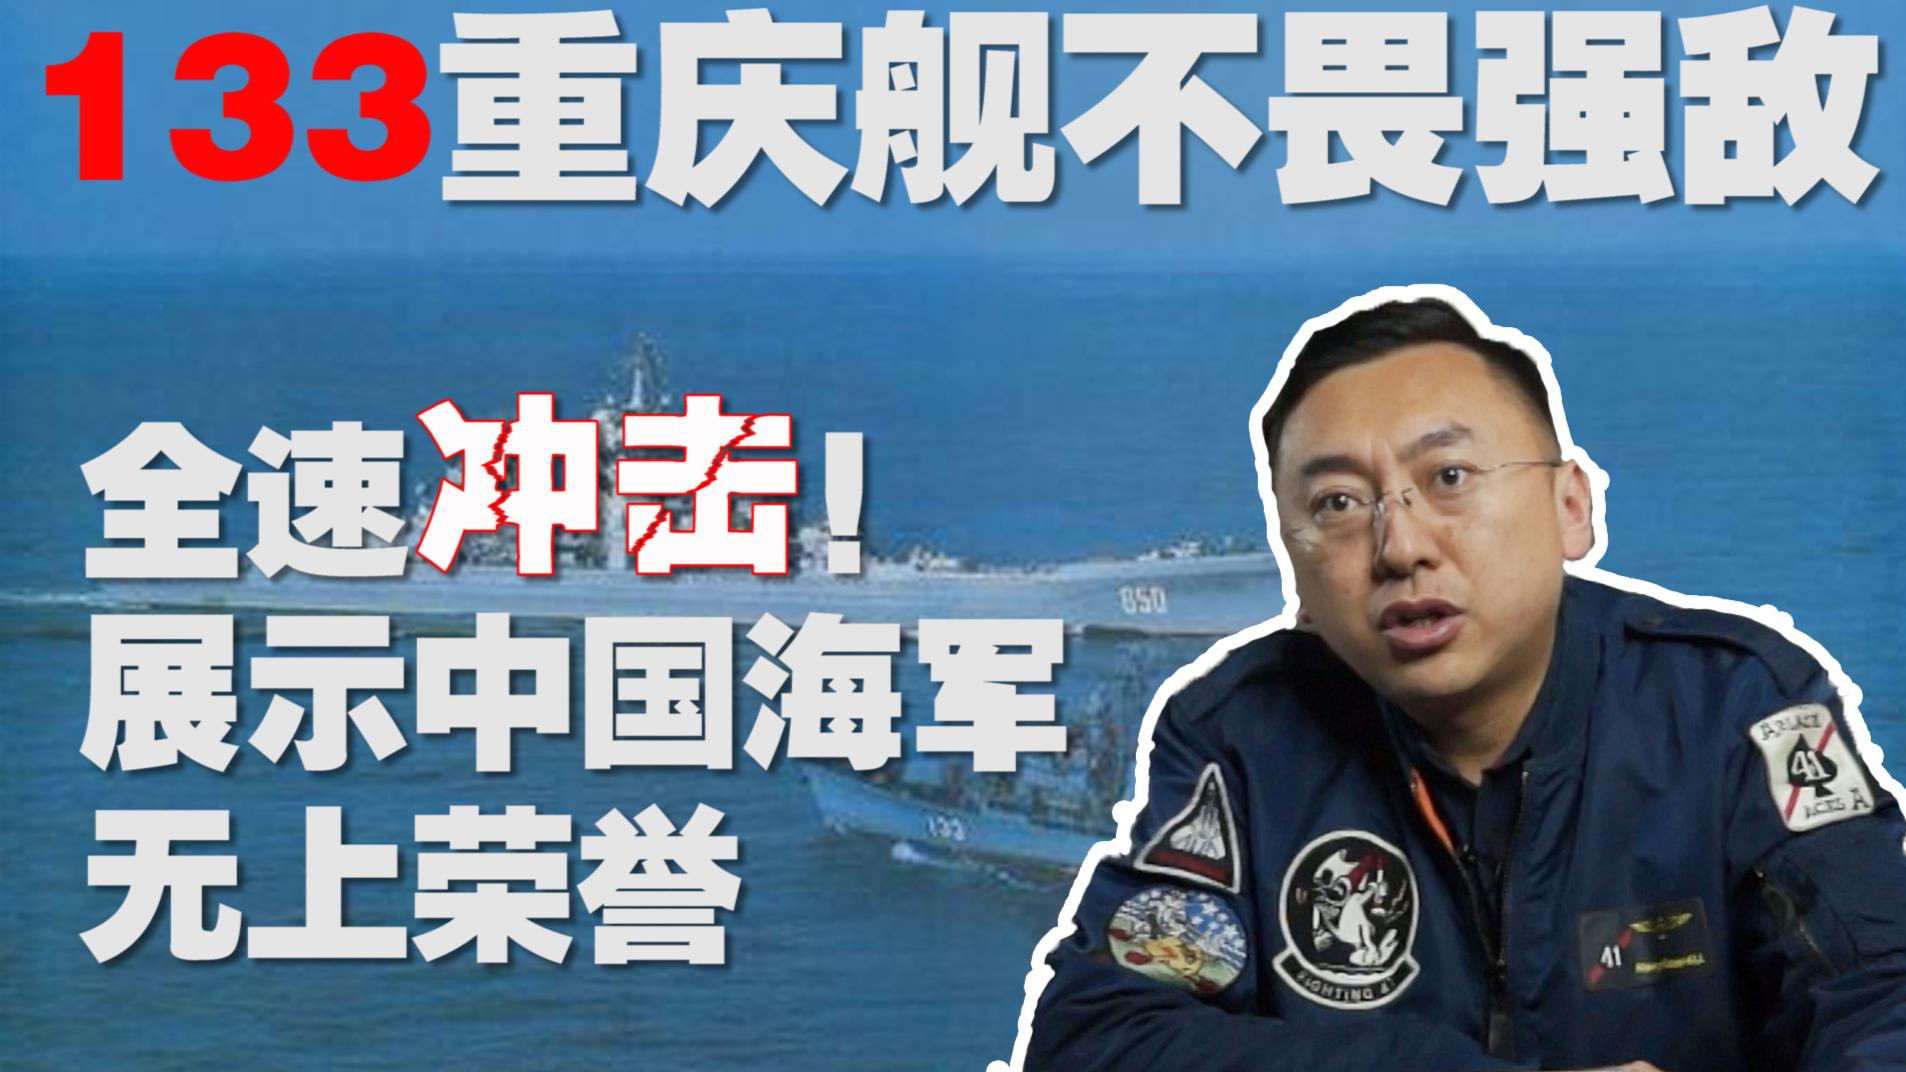 133重庆舰不畏强敌全速冲击:视频带您了解历史始末